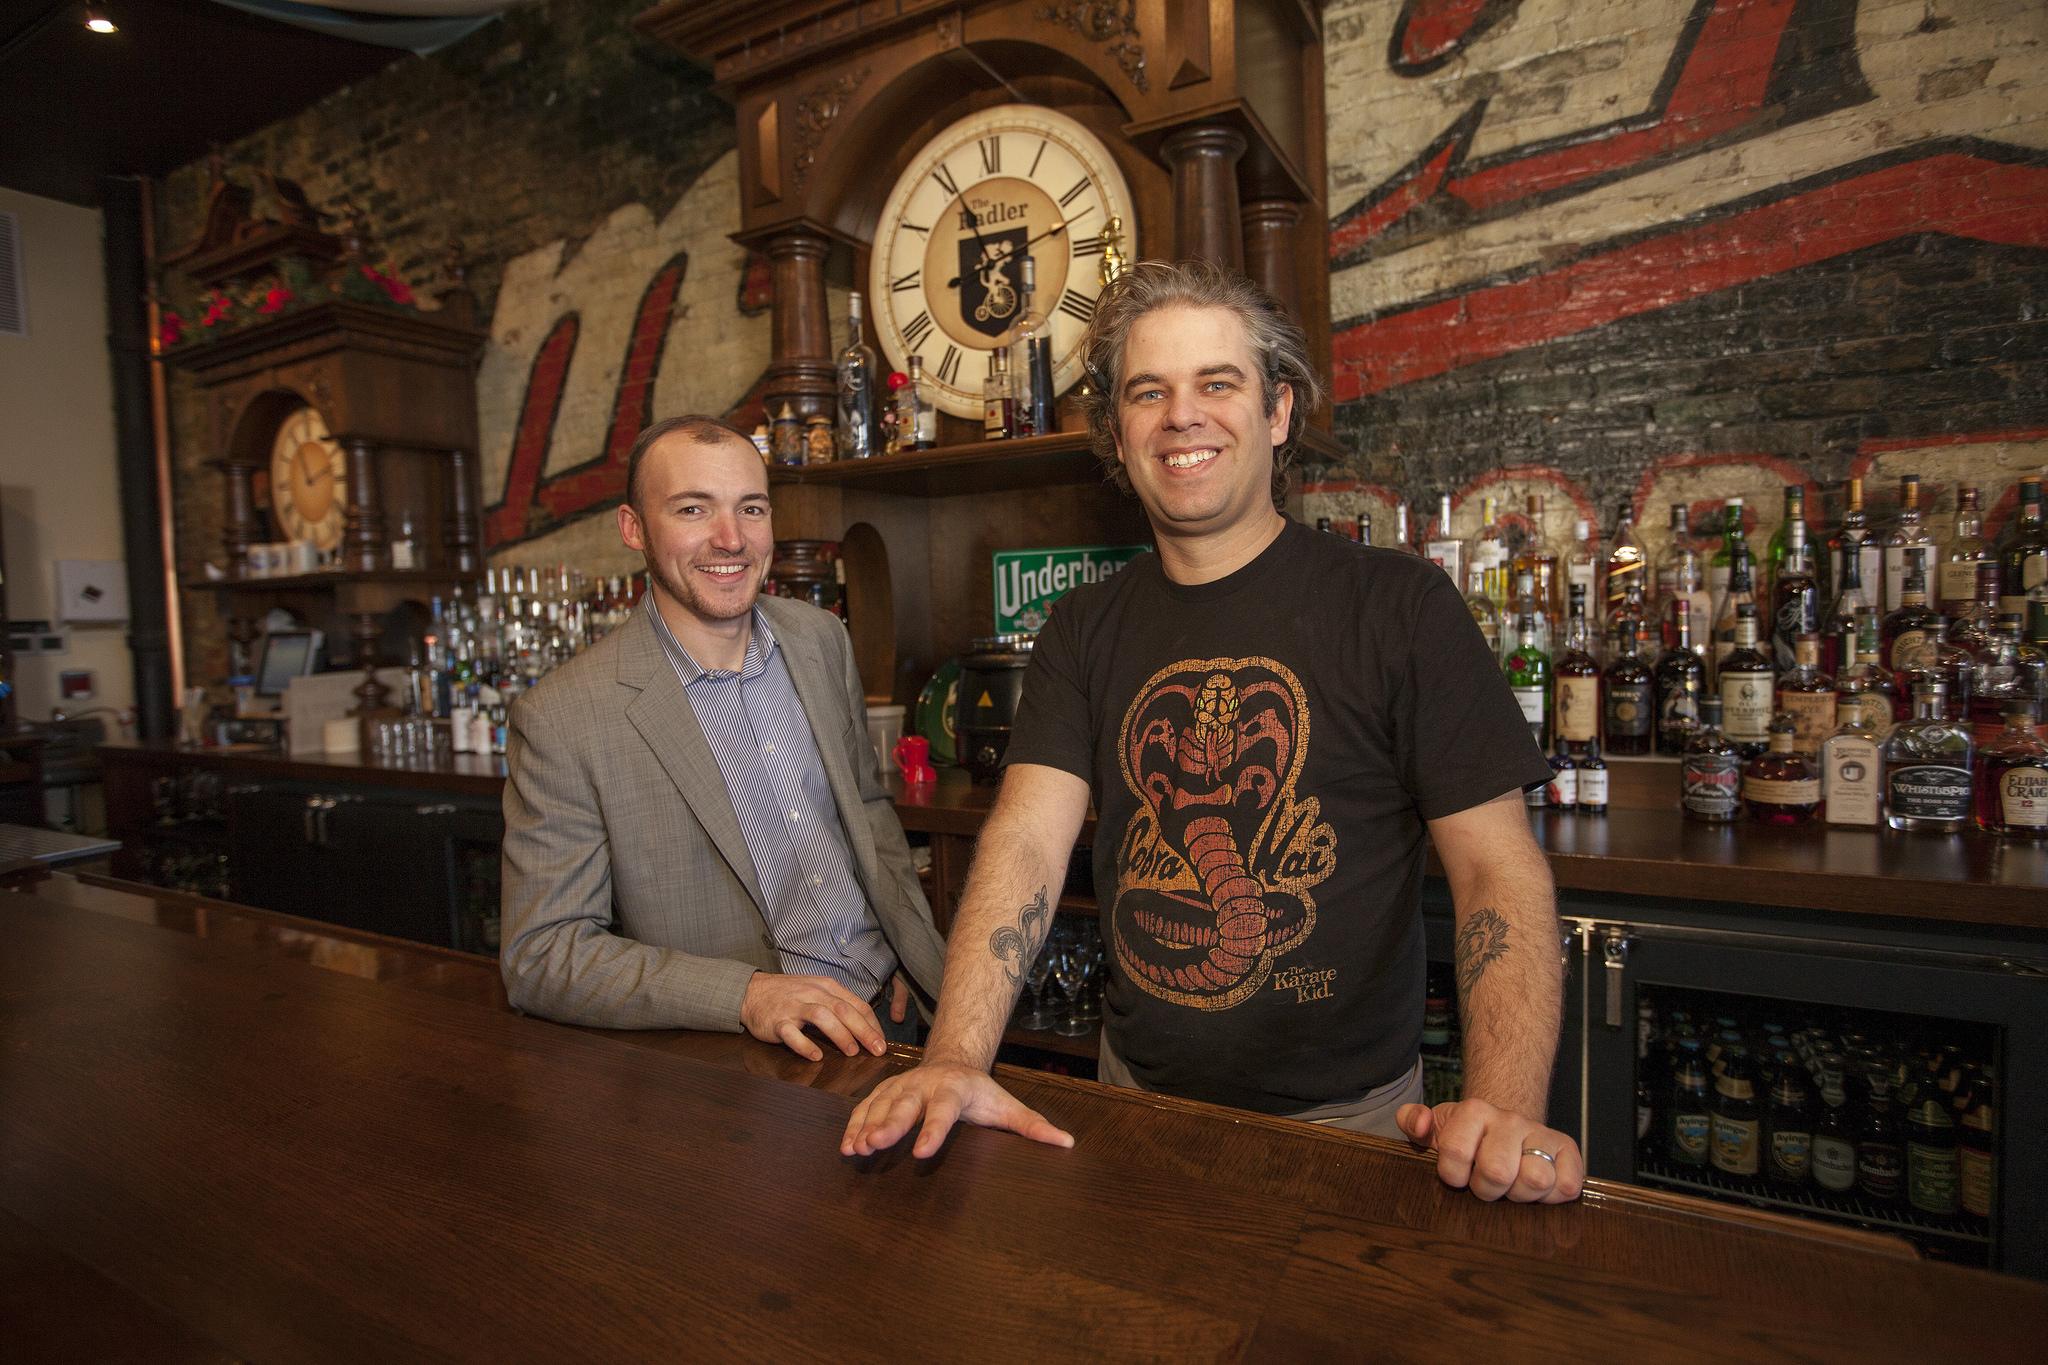 The Radler's Adam Hebert and Nate Sears